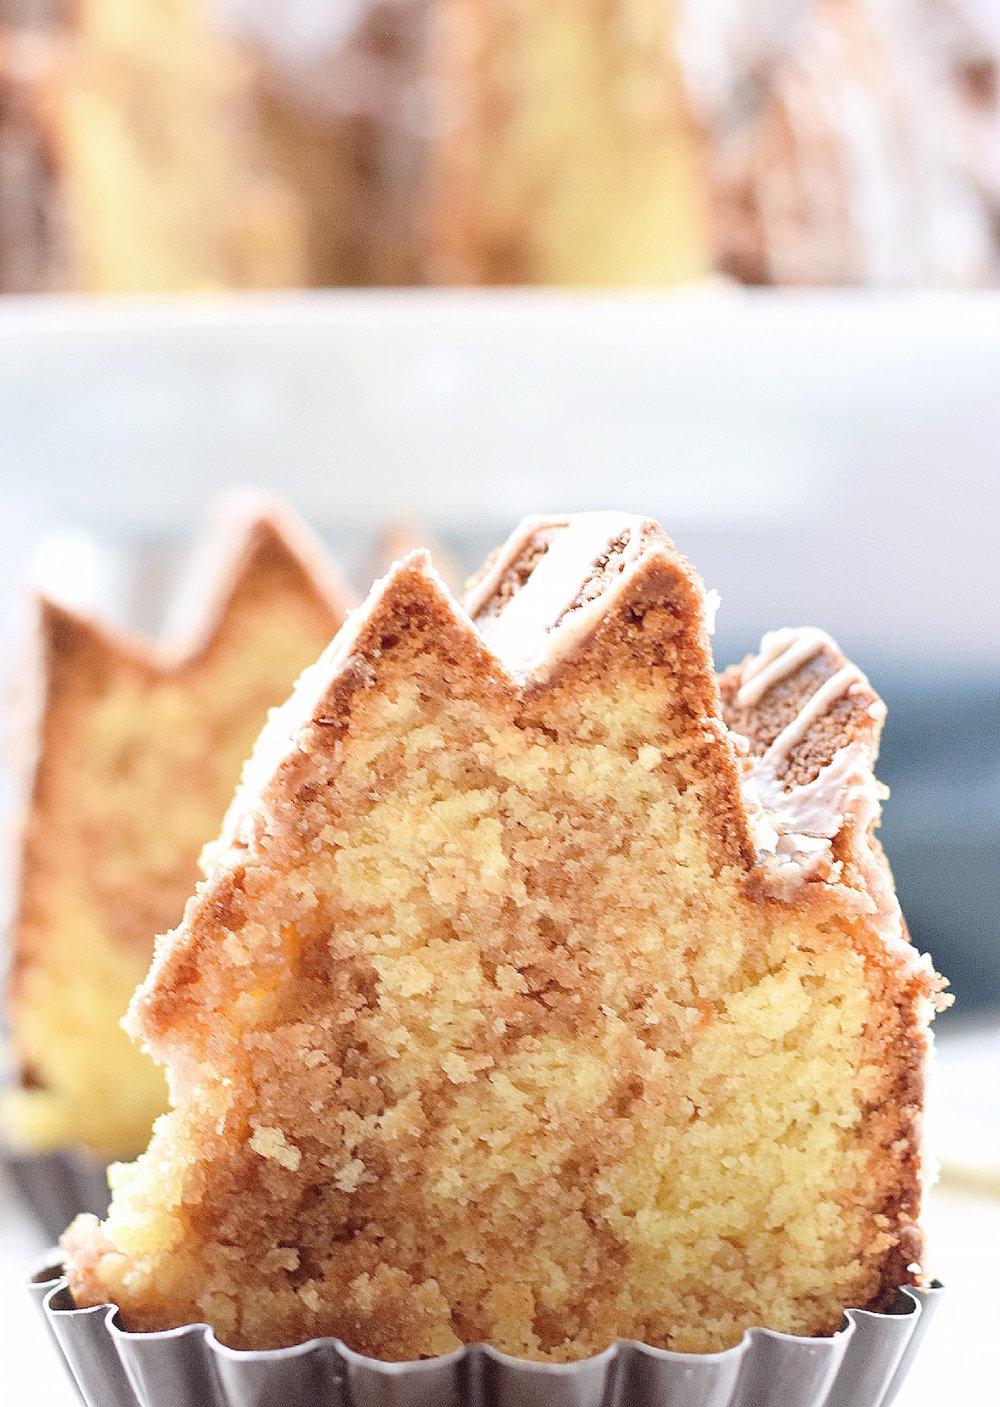 Cinnamon Swirl Bundt Cake | TrufflesandTrends.com